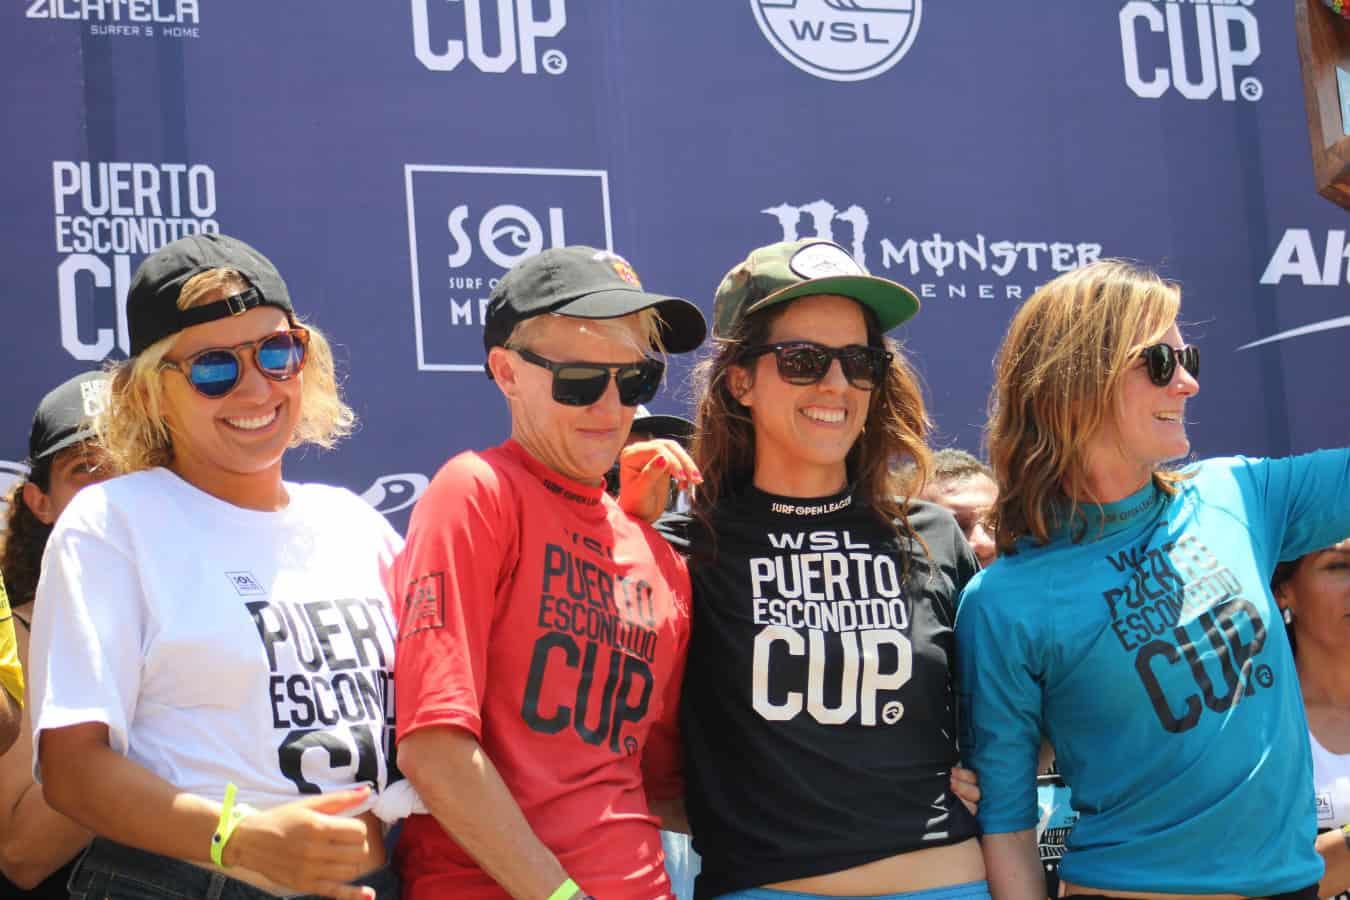 Surf en Puerto Escondido Cup 2018 podium mujeres